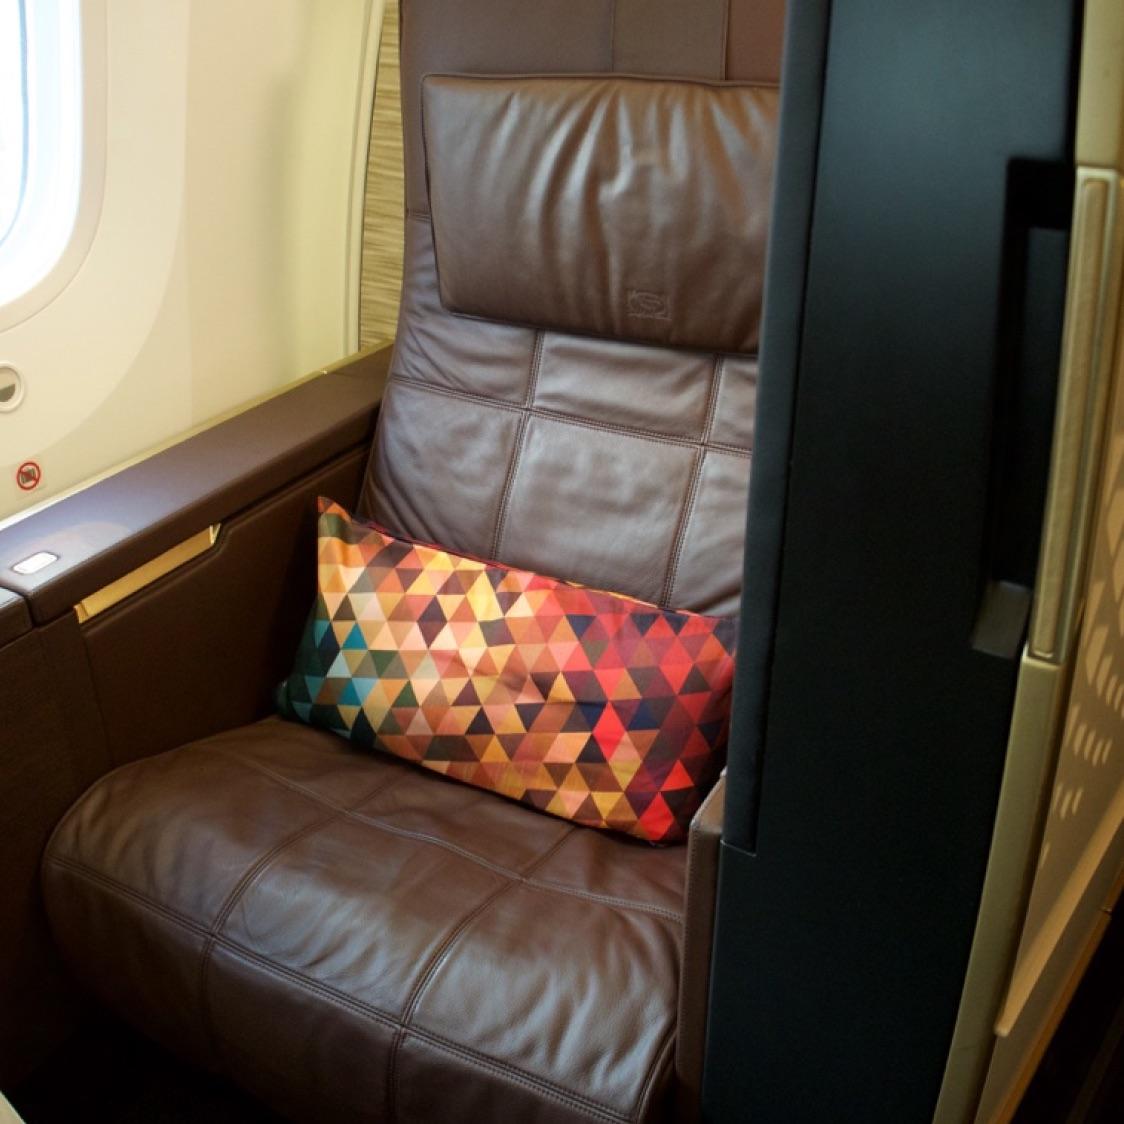 【11/12まで30%OFF】プロモーションコードの入力でエティハド航空エコノミークラス/ビジネスクラス航空券が割引に